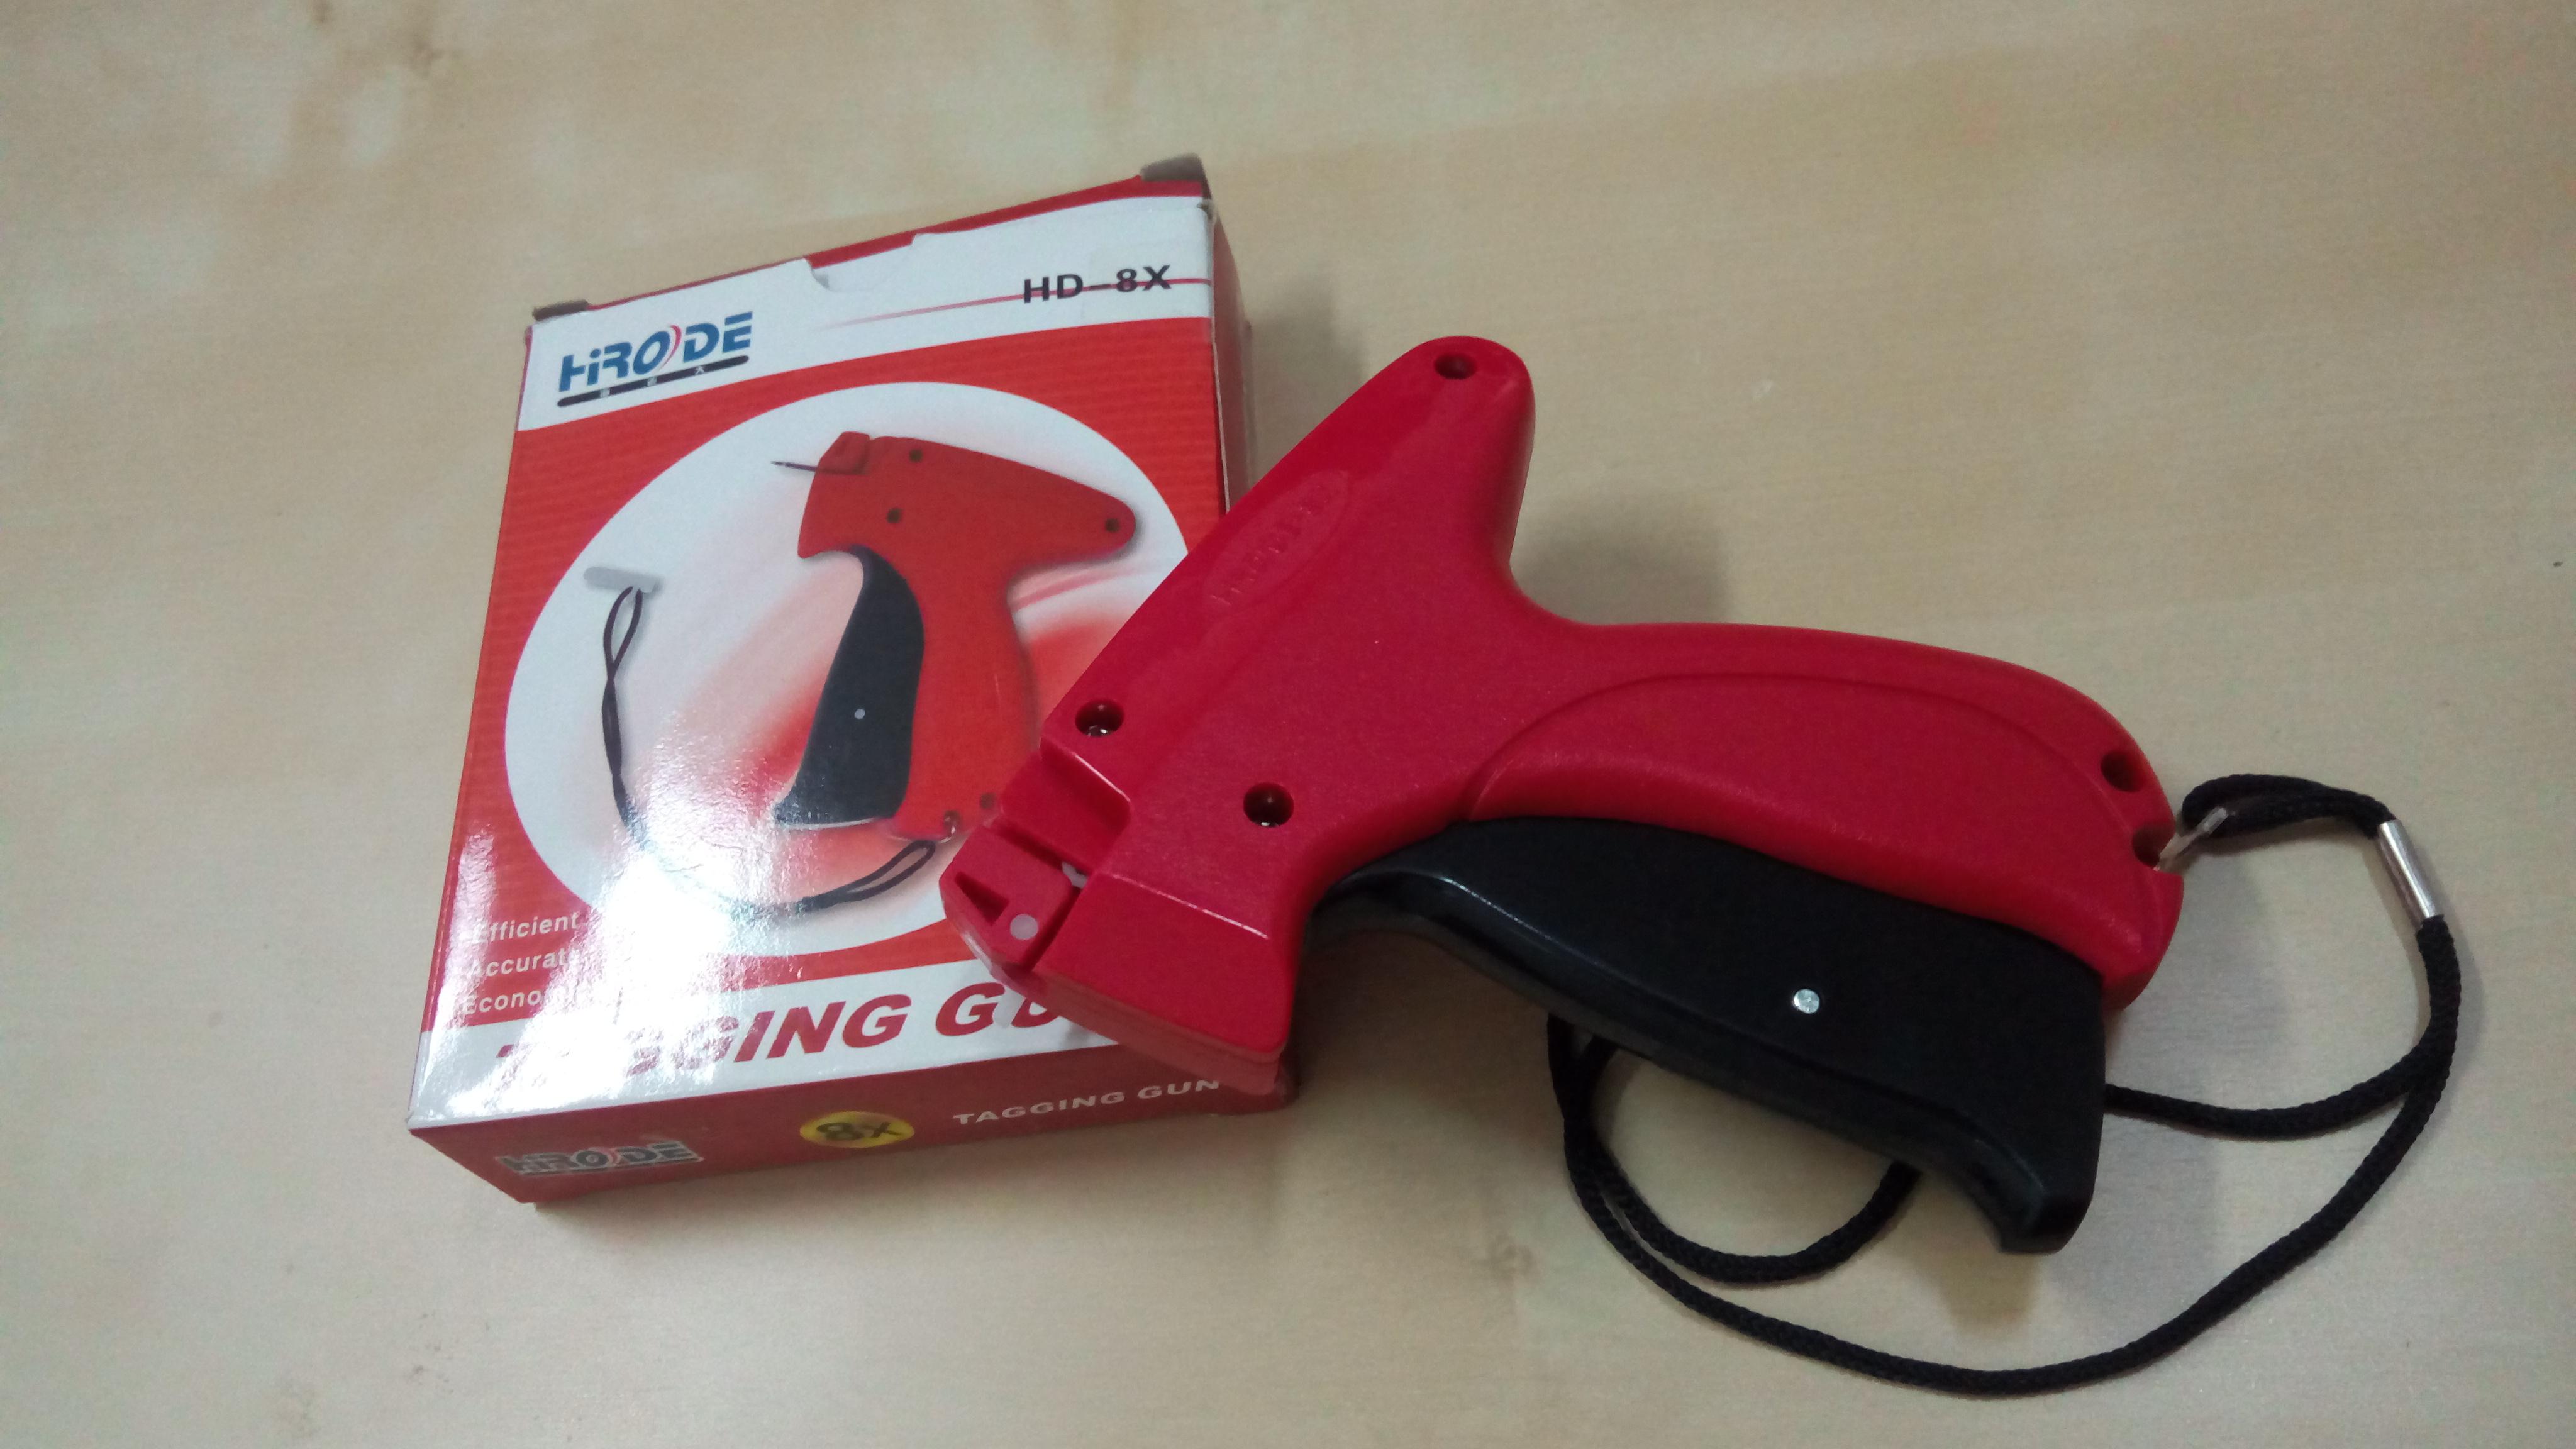 pistol hirode hd-8x